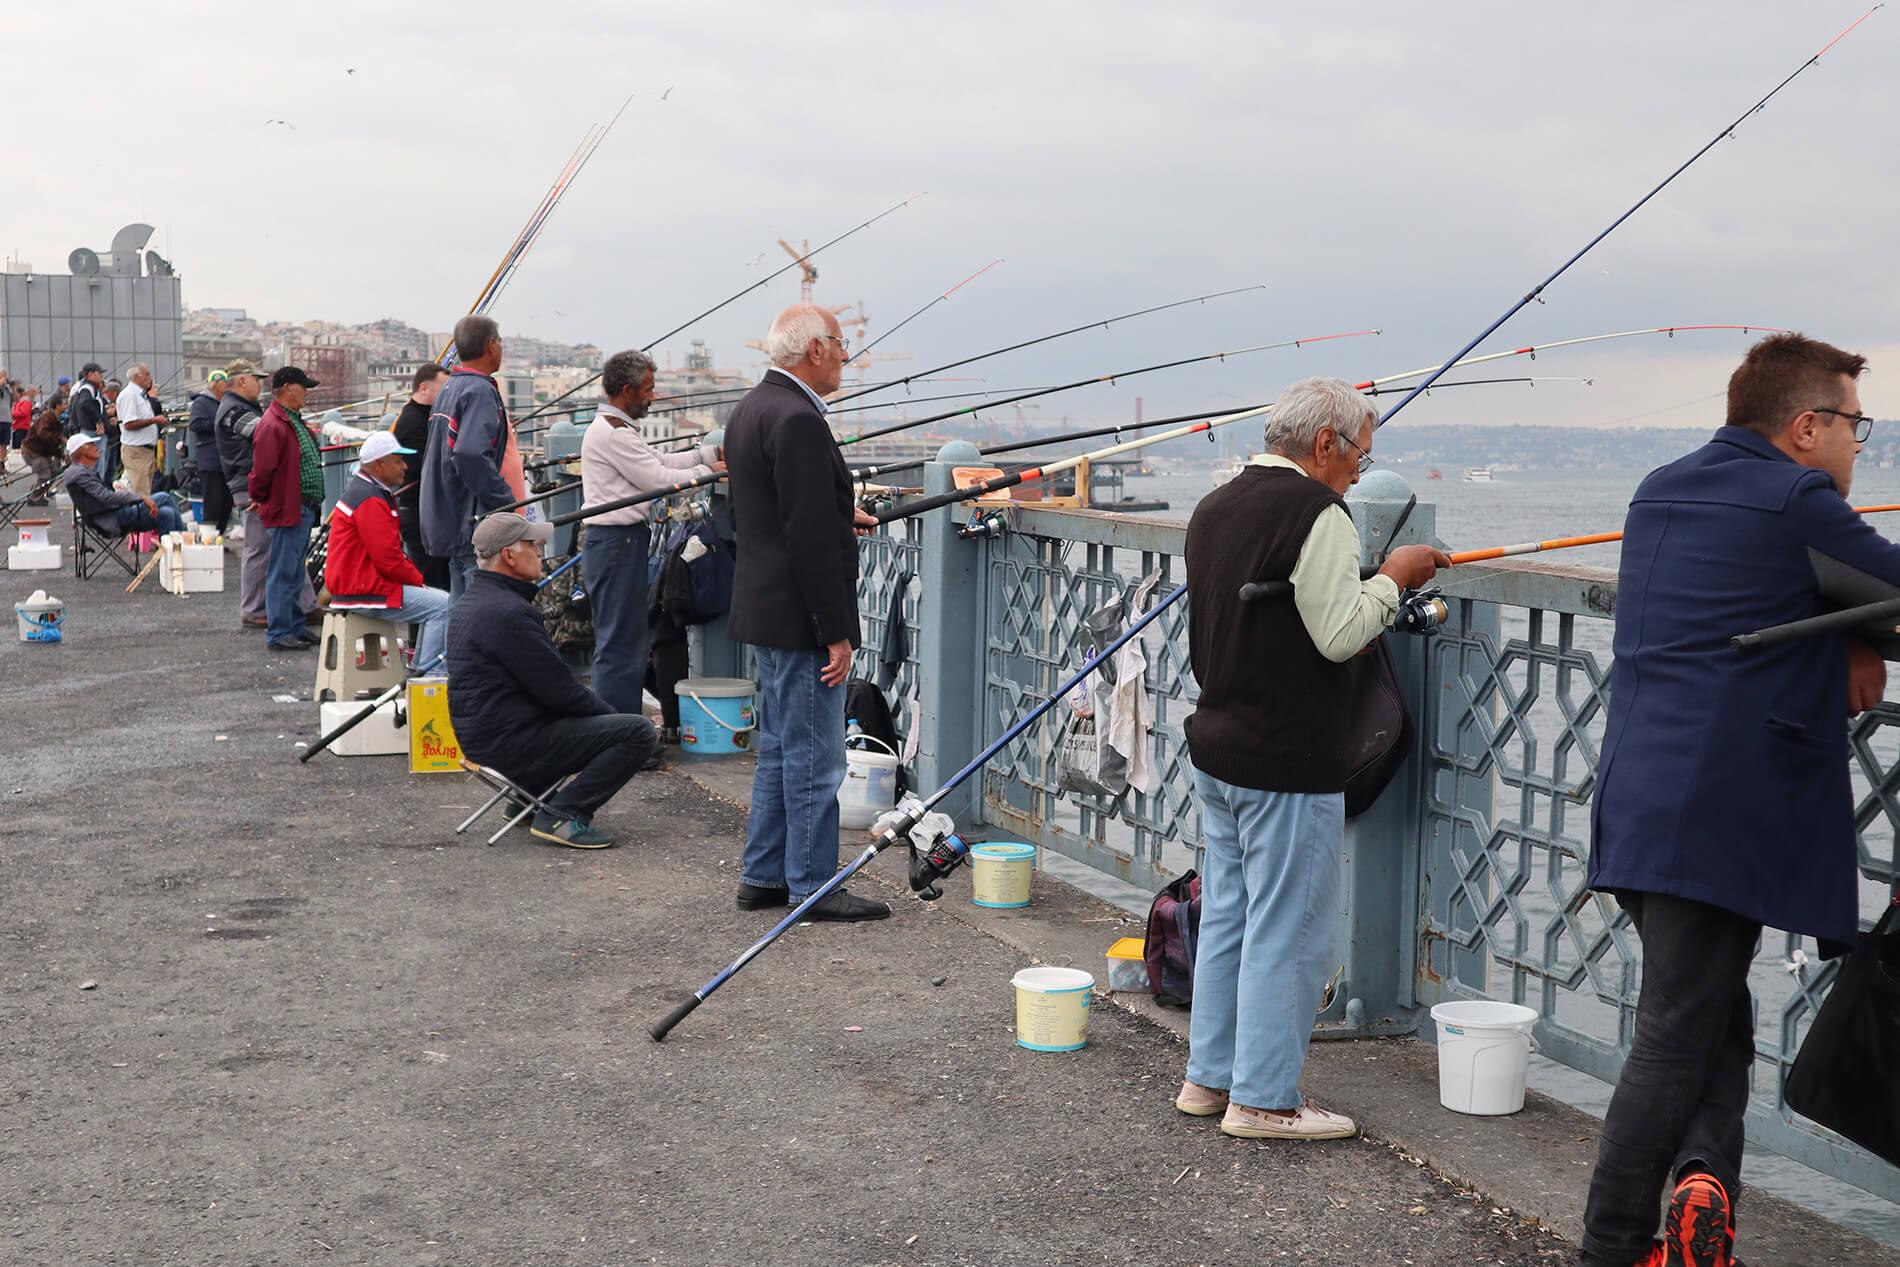 seo-digital-marketing-tasmania-fishing